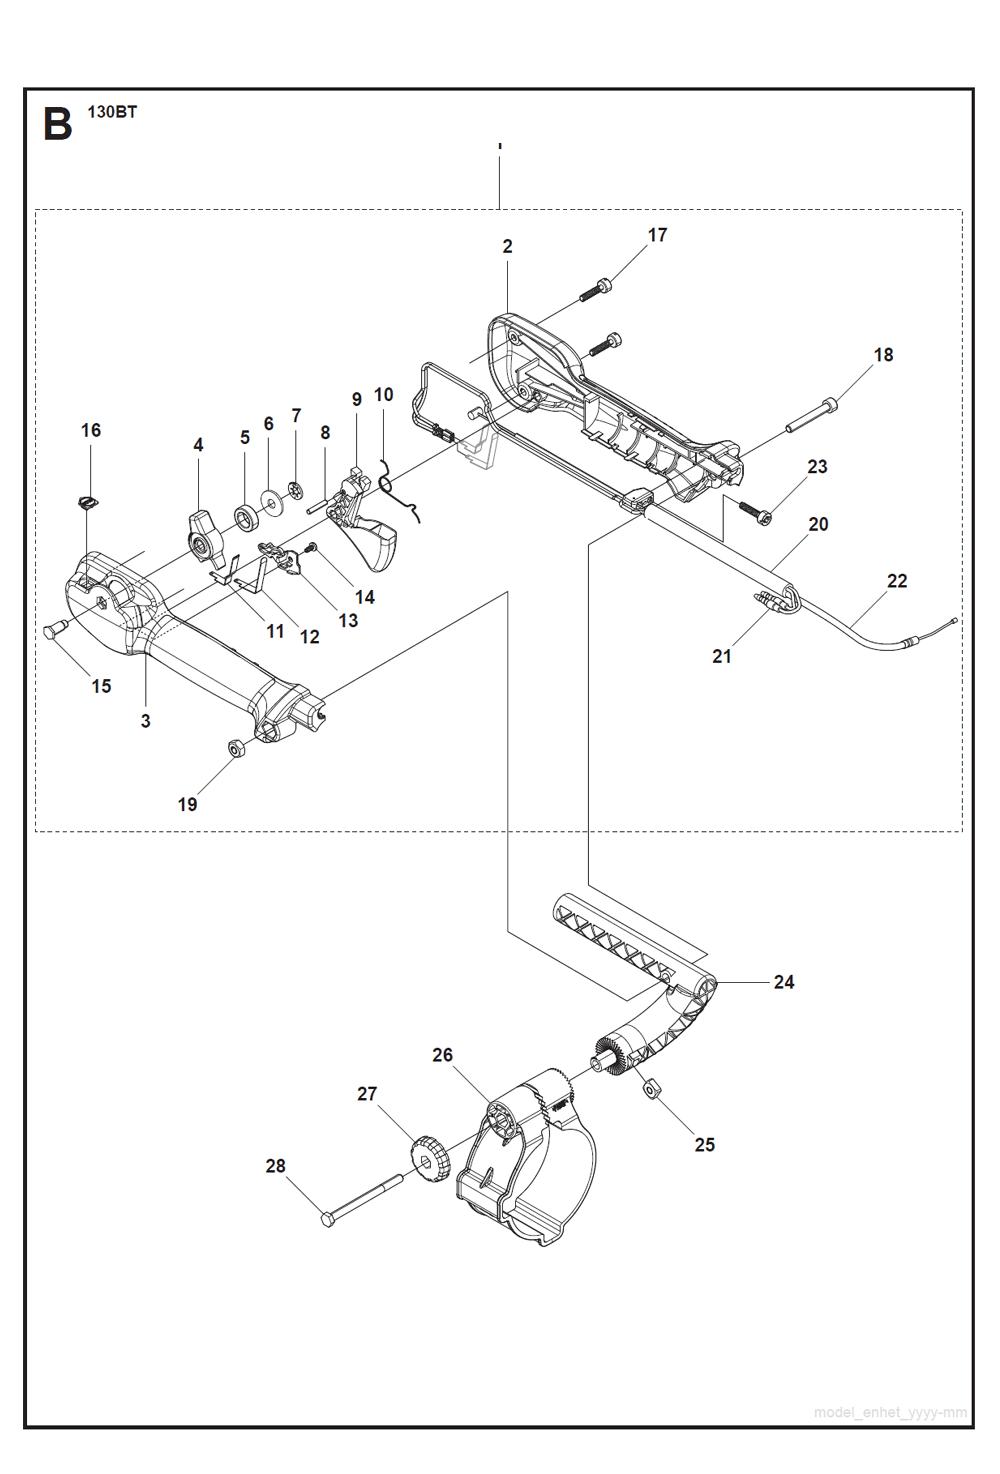 130BT-T2-Husqvarna-PB-1Break Down